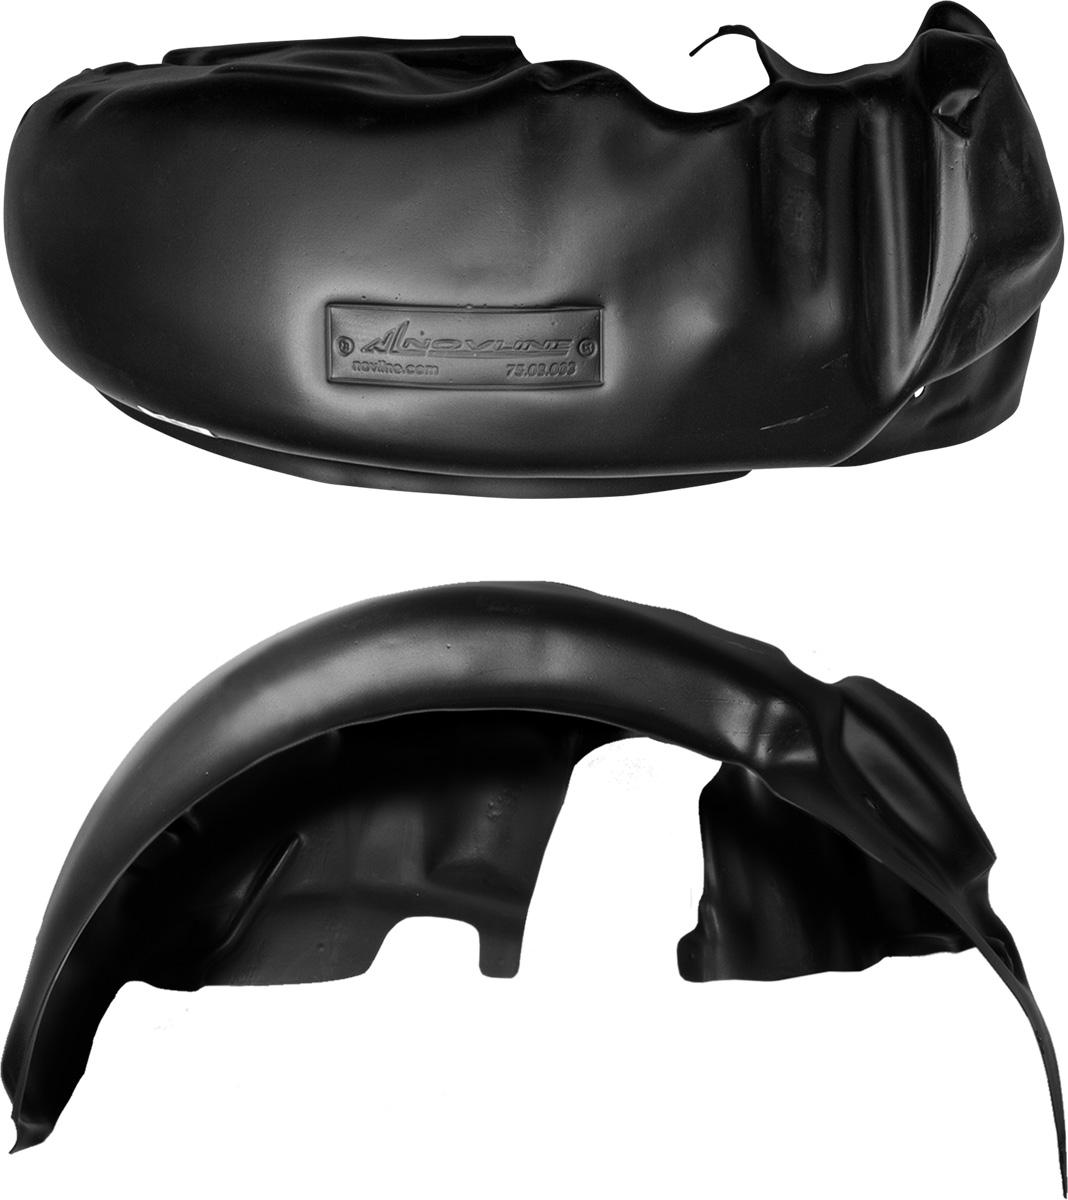 Подкрылок Novline-Autofamily, для Kia Rio, 2012-> хэтчбек, задний правыйNLL.25.39.004Колесные ниши - одни из самых уязвимых зон днища вашего автомобиля. Они постоянно подвергаются воздействию со стороны дороги. Лучшая, почти абсолютная защита для них - специально отформованные пластиковые кожухи, которые называются подкрылками. Производятся они как для отечественных моделей автомобилей, так и для иномарок. Подкрылки Novline-Autofamily выполнены из высококачественного, экологически чистого пластика. Обеспечивают надежную защиту кузова автомобиля от пескоструйного эффекта и негативного влияния, агрессивных антигололедных реагентов. Пластик обладает более низкой теплопроводностью, чем металл, поэтому в зимний период эксплуатации использование пластиковых подкрылков позволяет лучше защитить колесные ниши от налипания снега и образования наледи. Оригинальность конструкции подчеркивает элегантность автомобиля, бережно защищает нанесенное на днище кузова антикоррозийное покрытие и позволяет осуществить крепление подкрылков внутри колесной арки практически без дополнительного крепежа и сверления, не нарушая при этом лакокрасочного покрытия, что предотвращает возникновение новых очагов коррозии. Подкрылки долговечны, обладают высокой прочностью и сохраняют заданную форму, а также все свои физико-механические характеристики в самых тяжелых климатических условиях (от -50°С до +50°С).Уважаемые клиенты!Обращаем ваше внимание, на тот факт, что подкрылок имеет форму, соответствующую модели данного автомобиля. Фото служит для визуального восприятия товара.